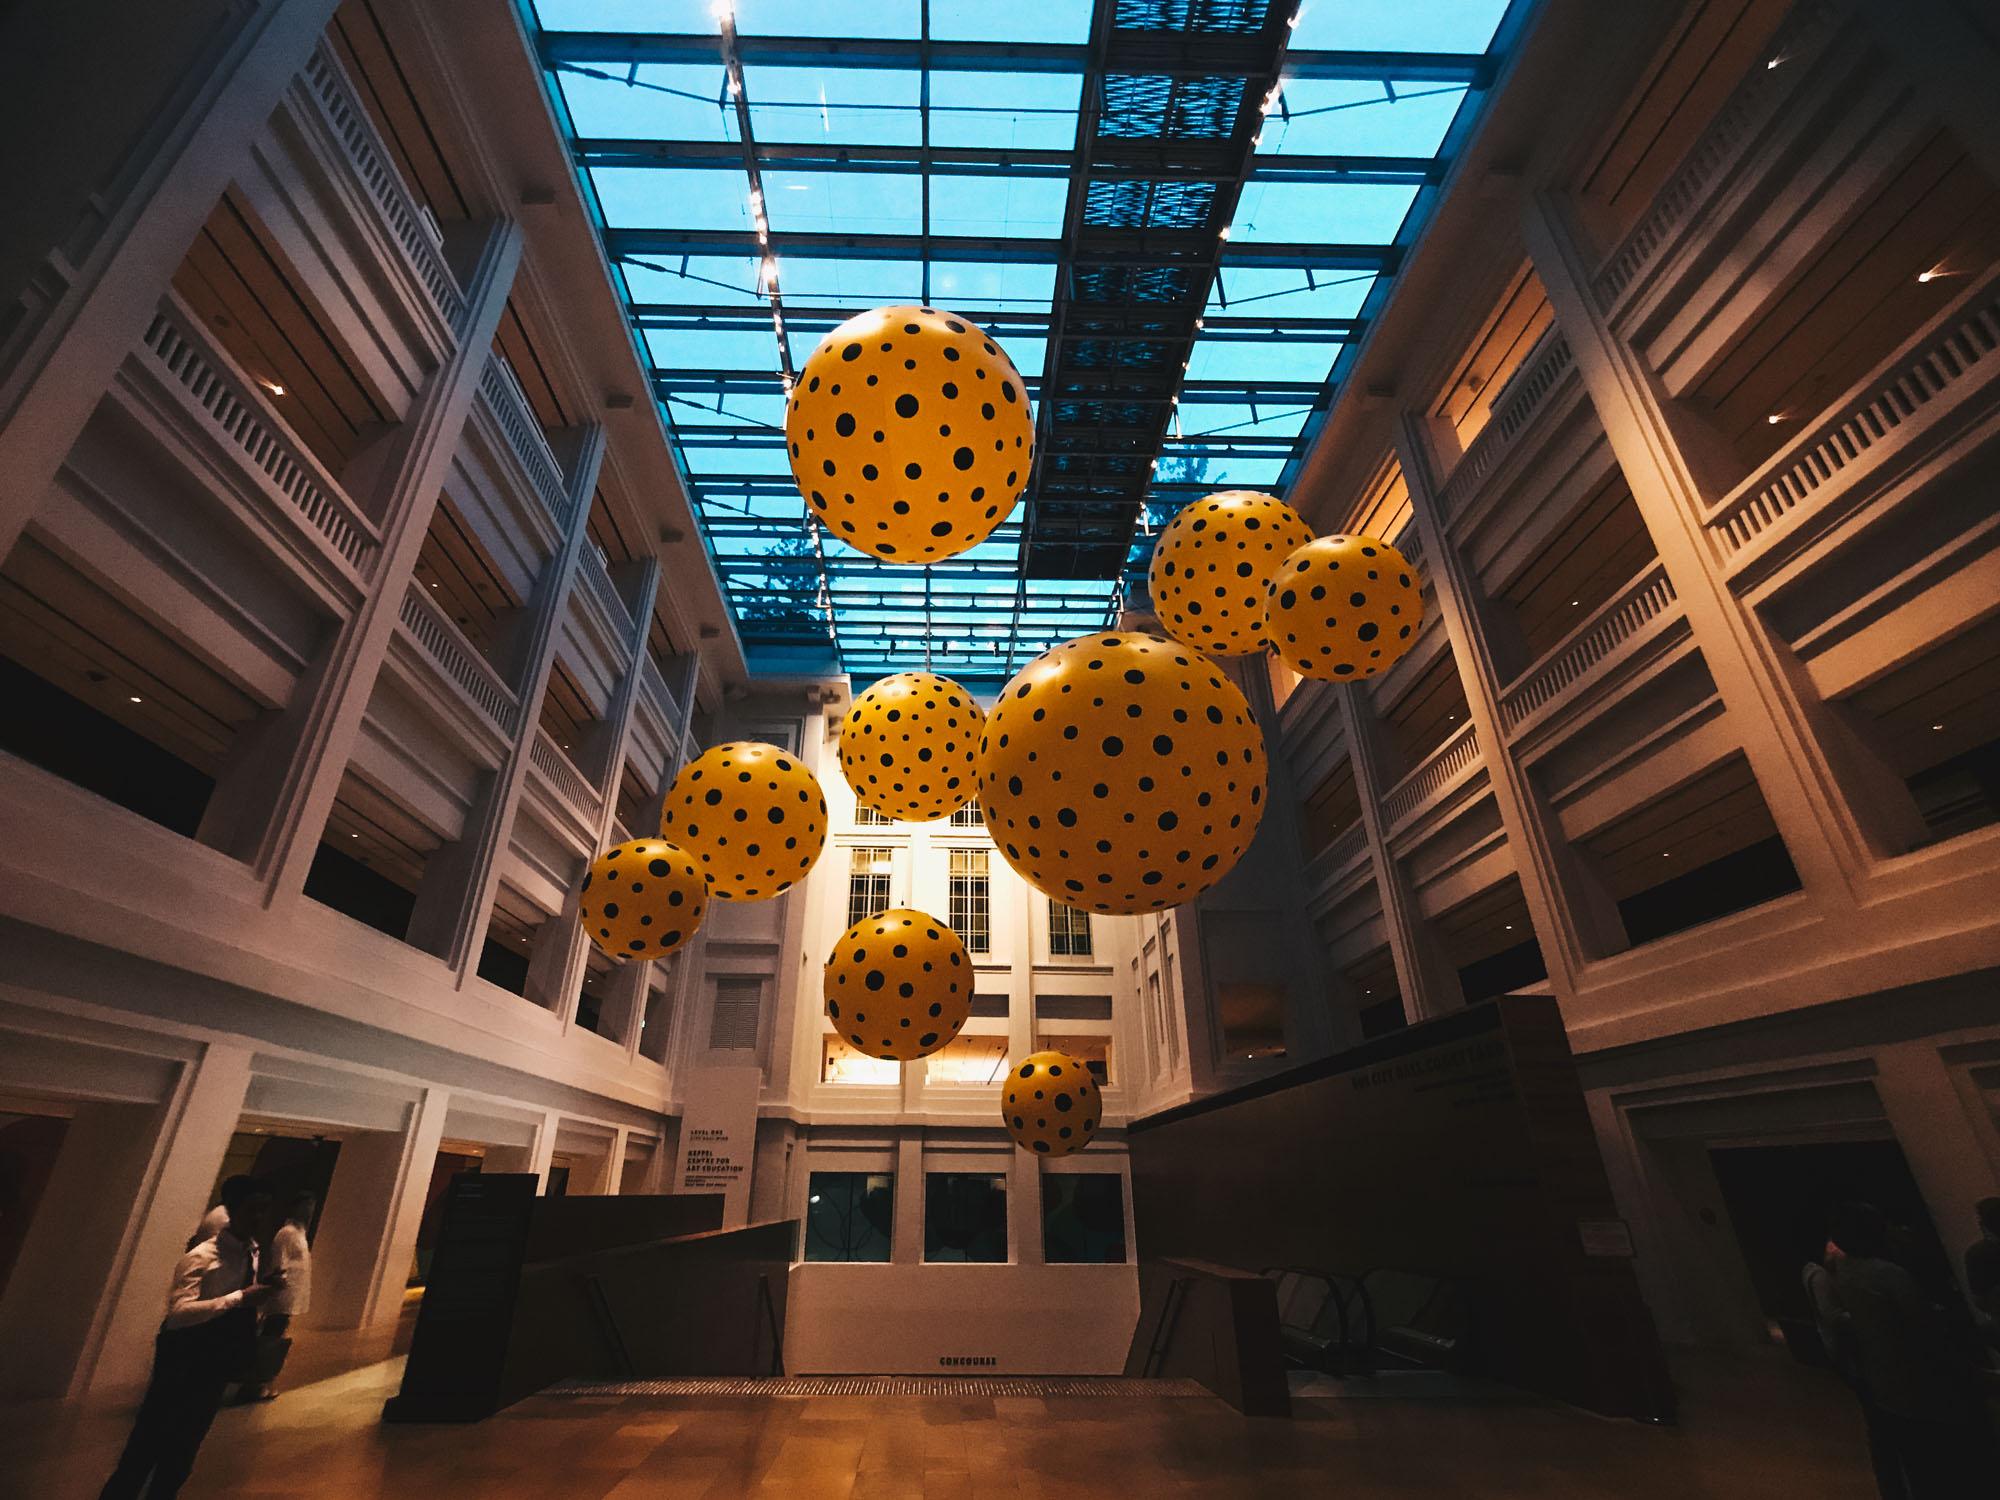 yayoi kusama exhibition singapore darrenbloggie-2